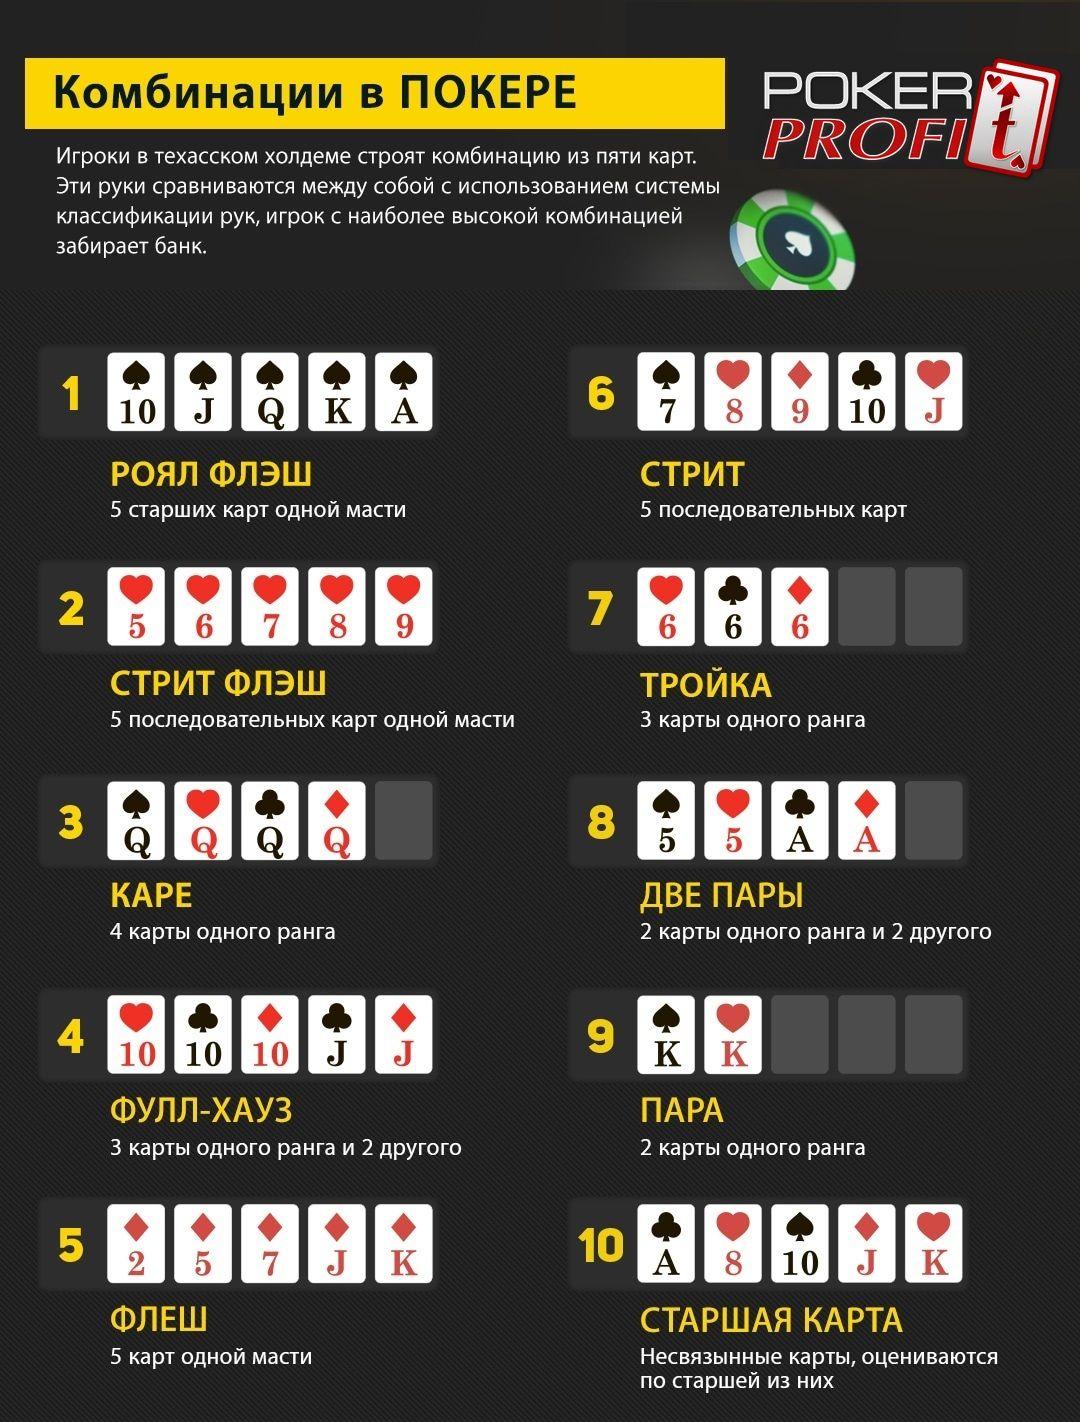 покер играть техасский онлайн 2